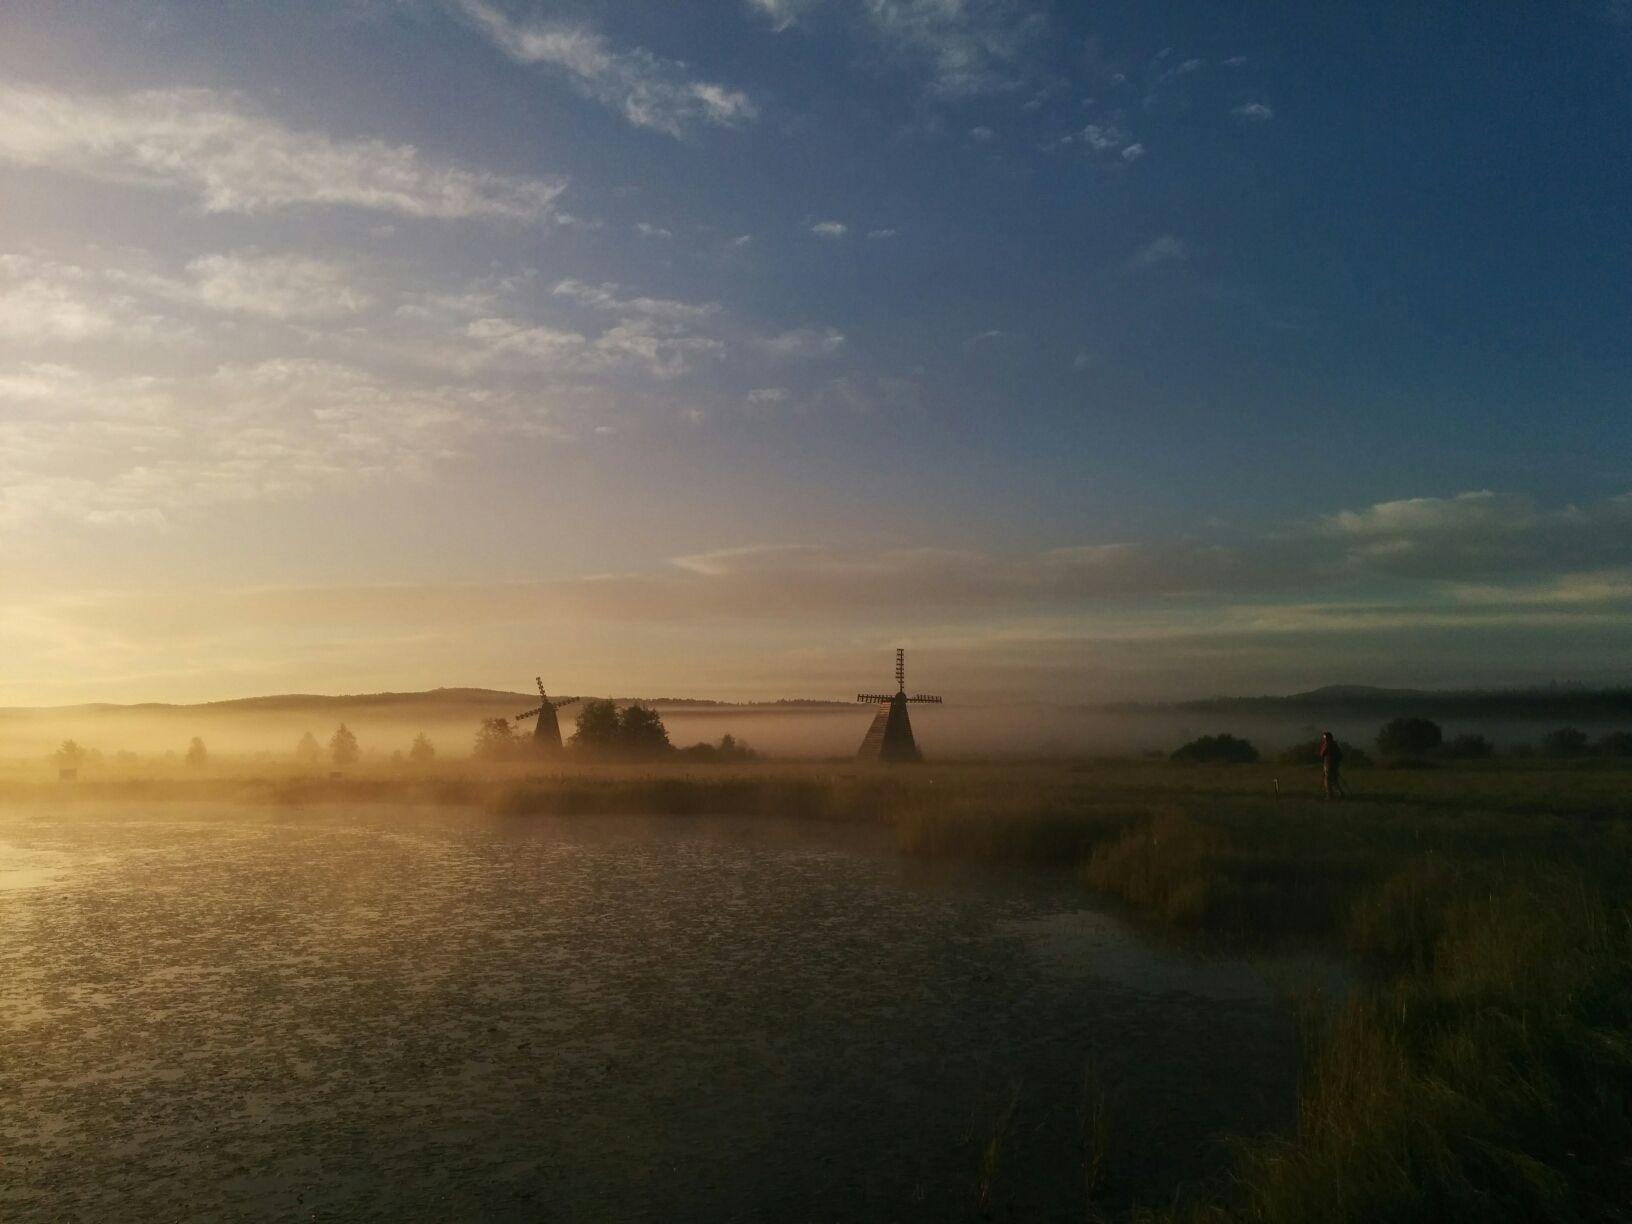 七星湖——塞罕坝——木兰围场风景名胜区